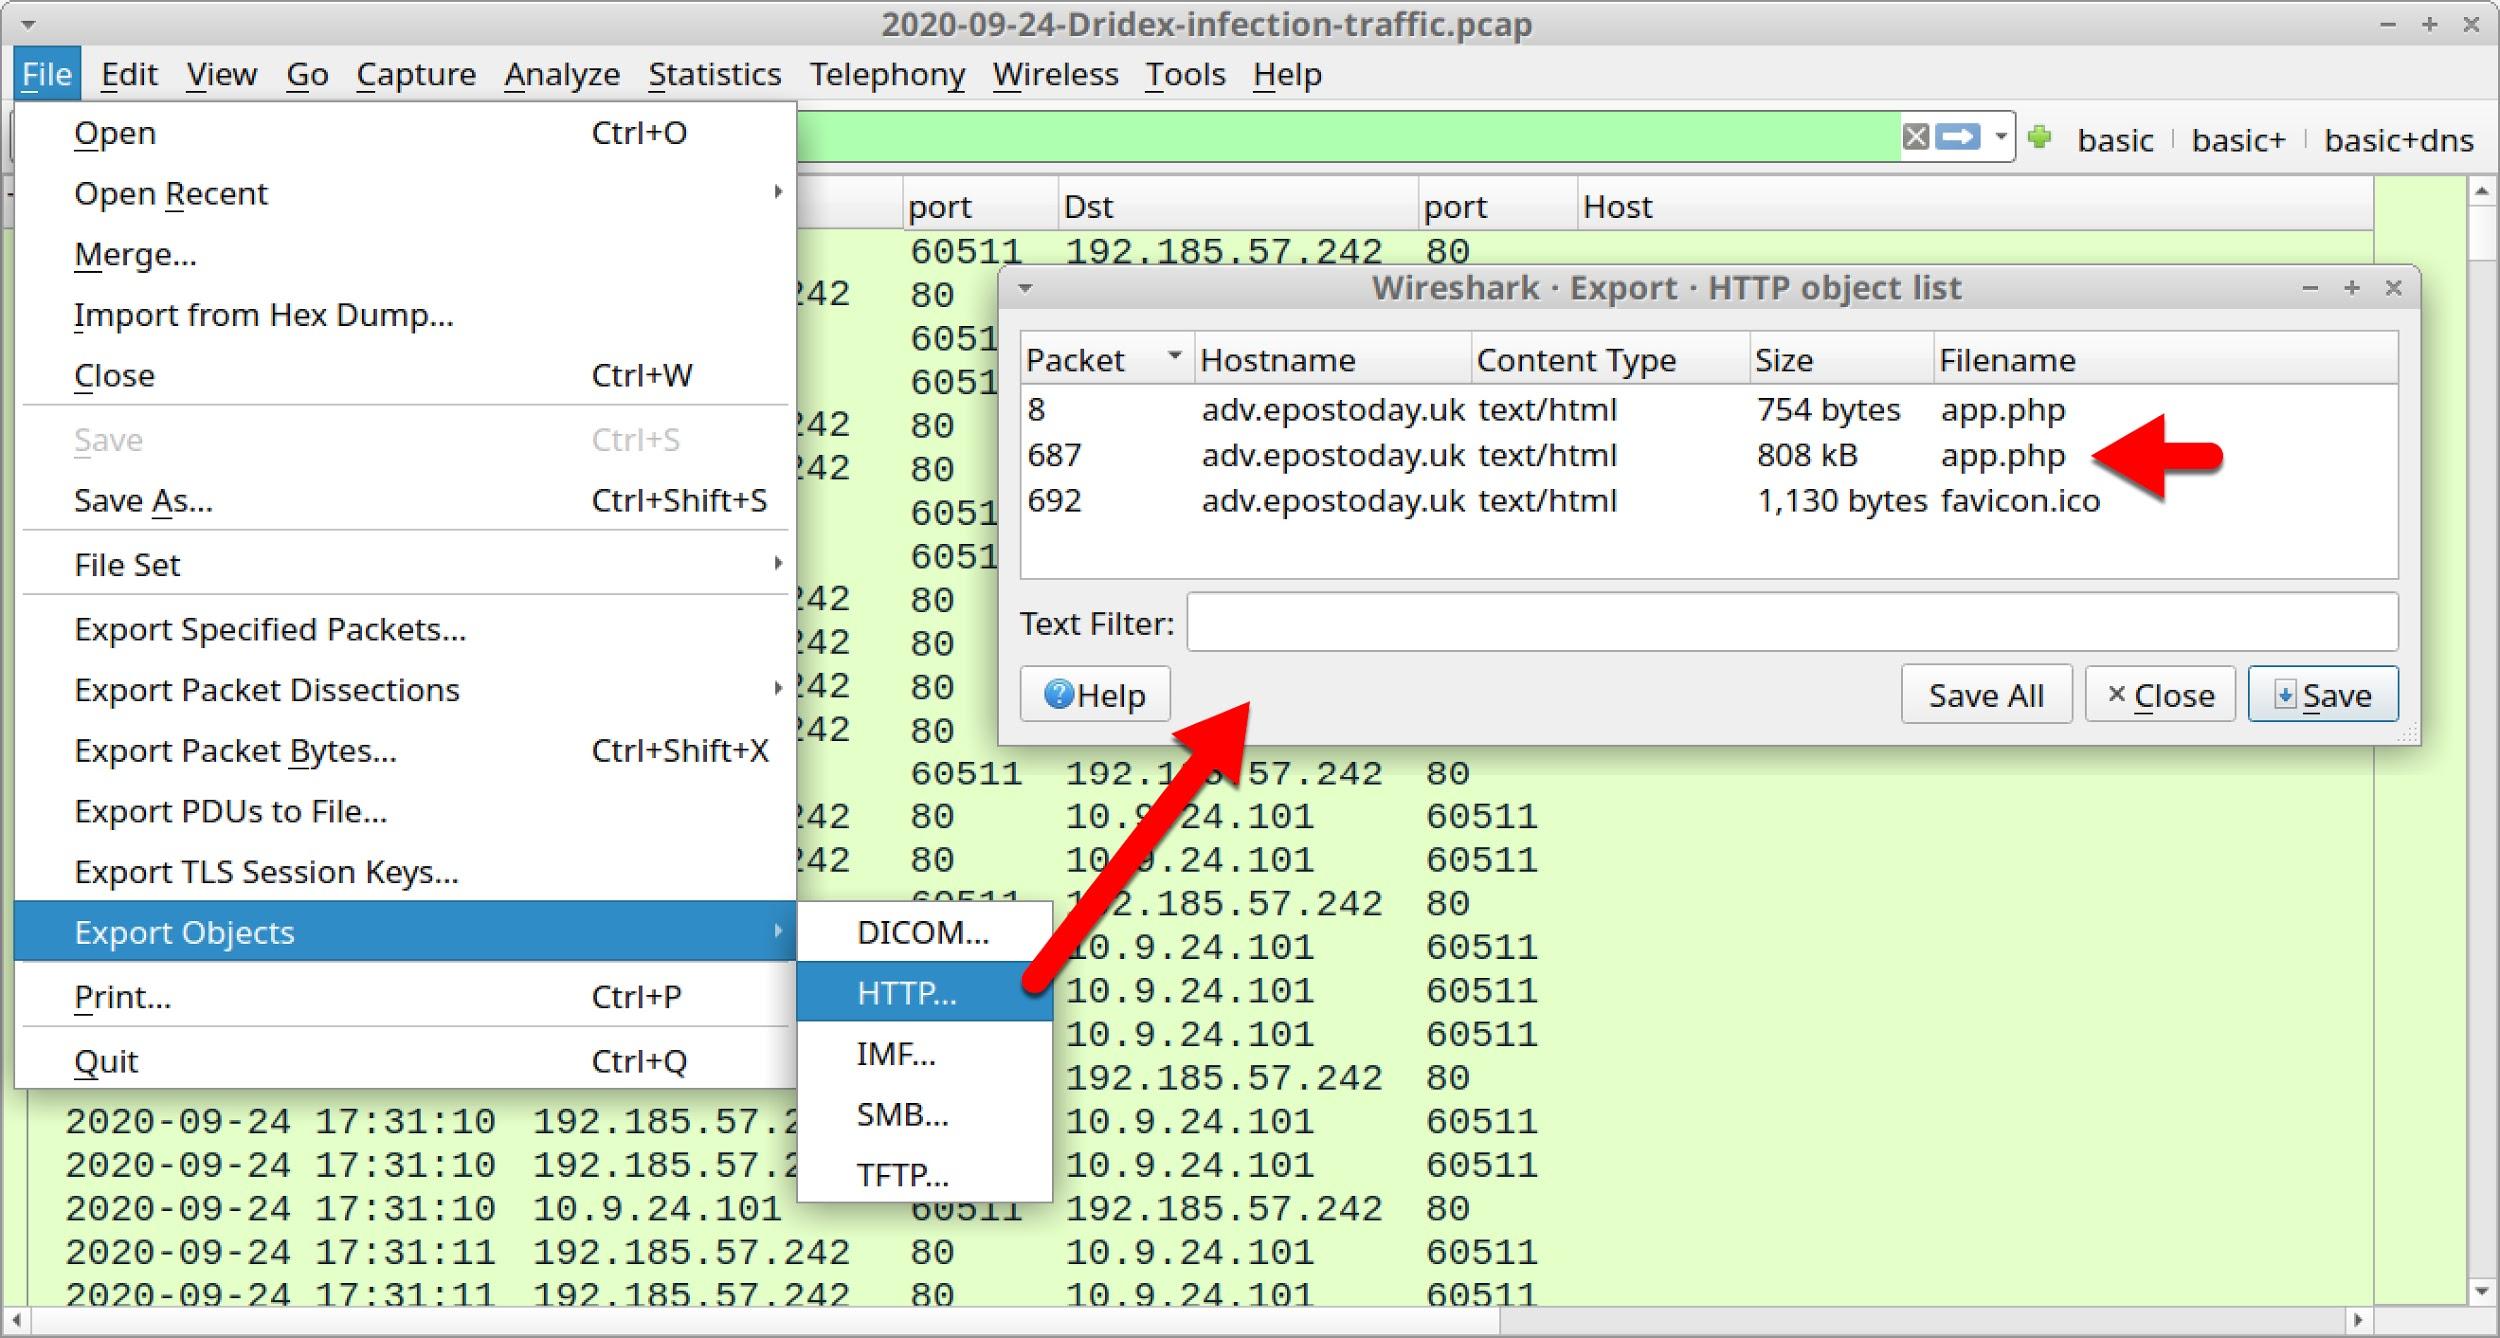 「HTTPオブジェクトのエクスポート」機能を使用すると、app.phpで終わるURLから返されたスクリプトを保存できます。赤い矢印は、選択するオプションを示しています。